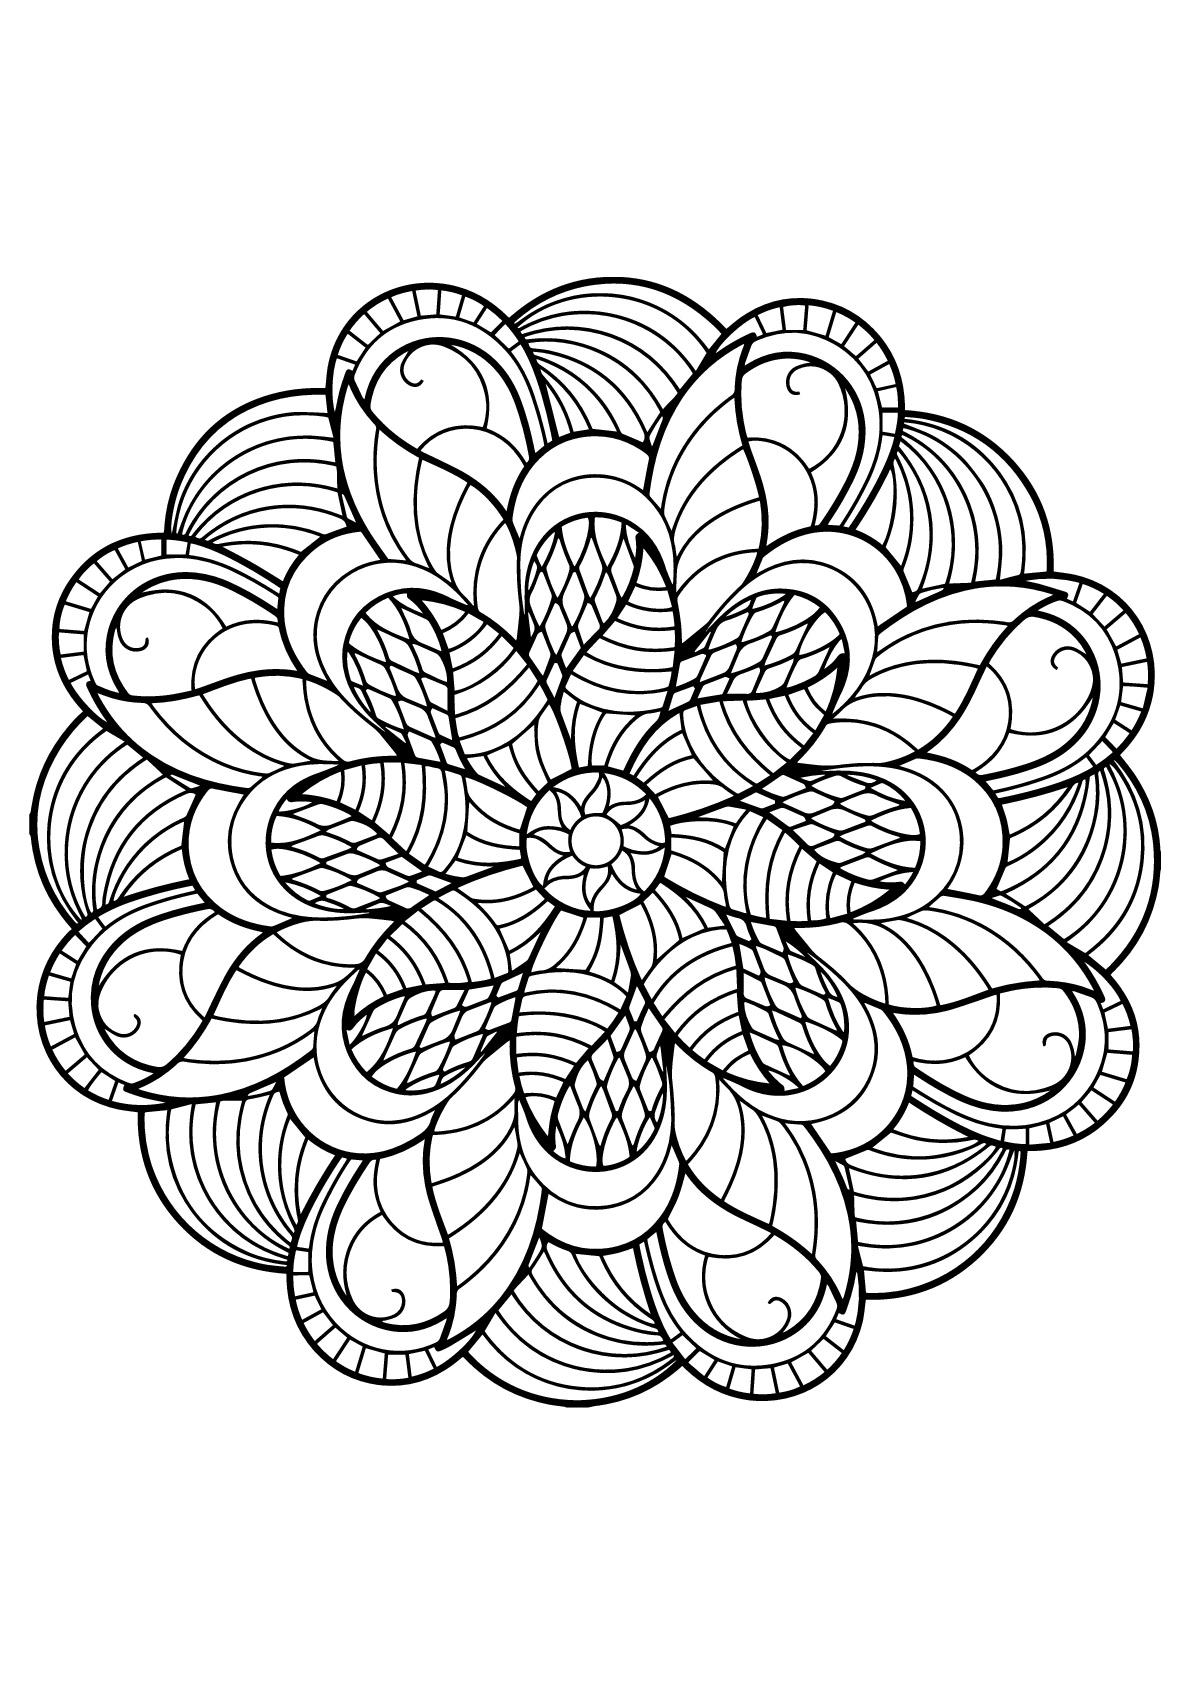 Mandala Livre Gratuit 6 Mandalas Coloriages Difficiles